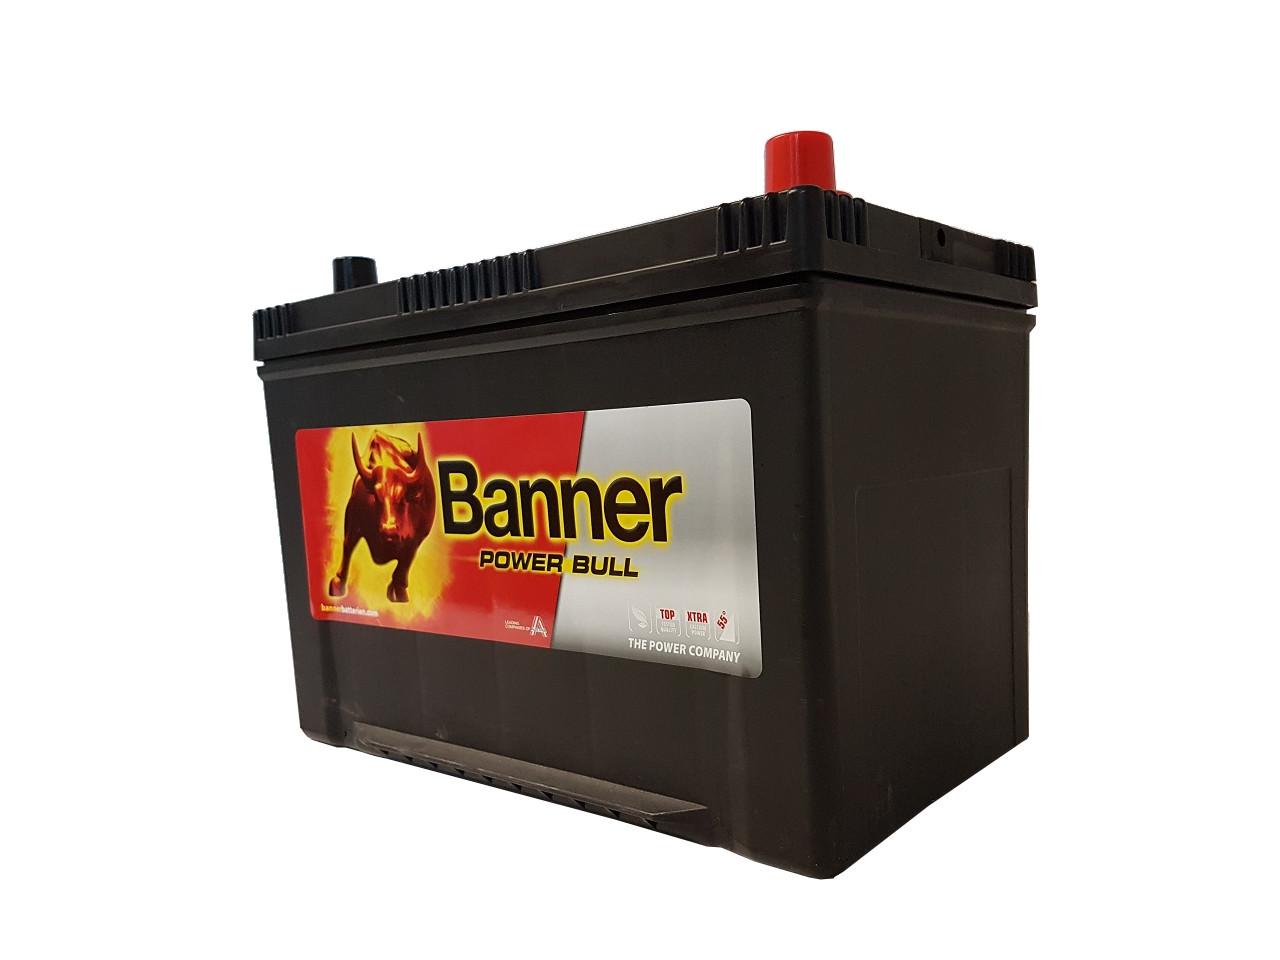 akumulator banner power bull 12v 95ah 740a prawy jap. Black Bedroom Furniture Sets. Home Design Ideas